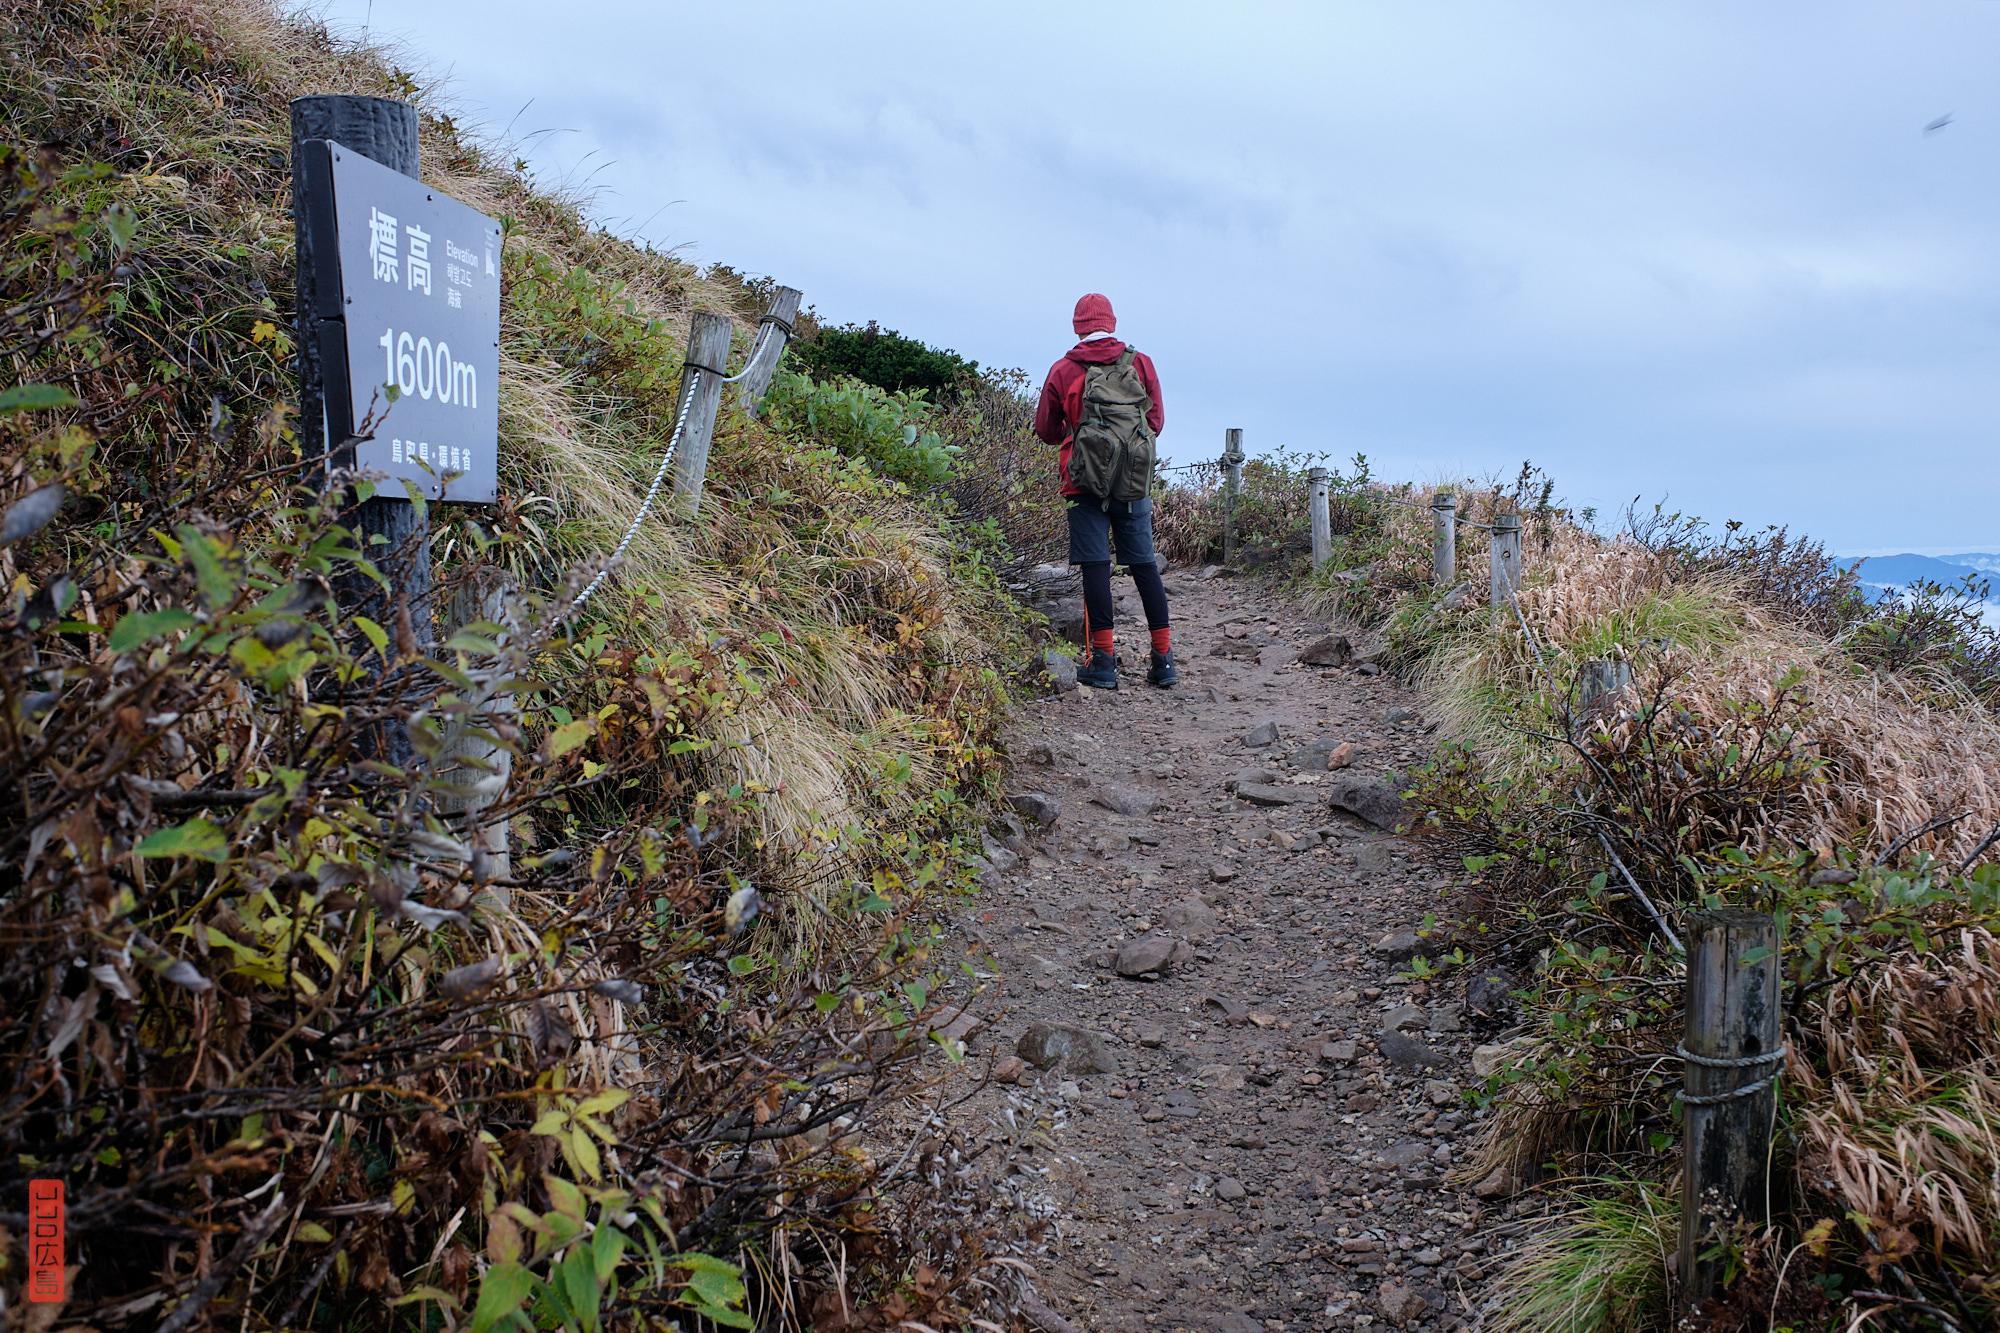 sommet du mont Daisen, 1600m